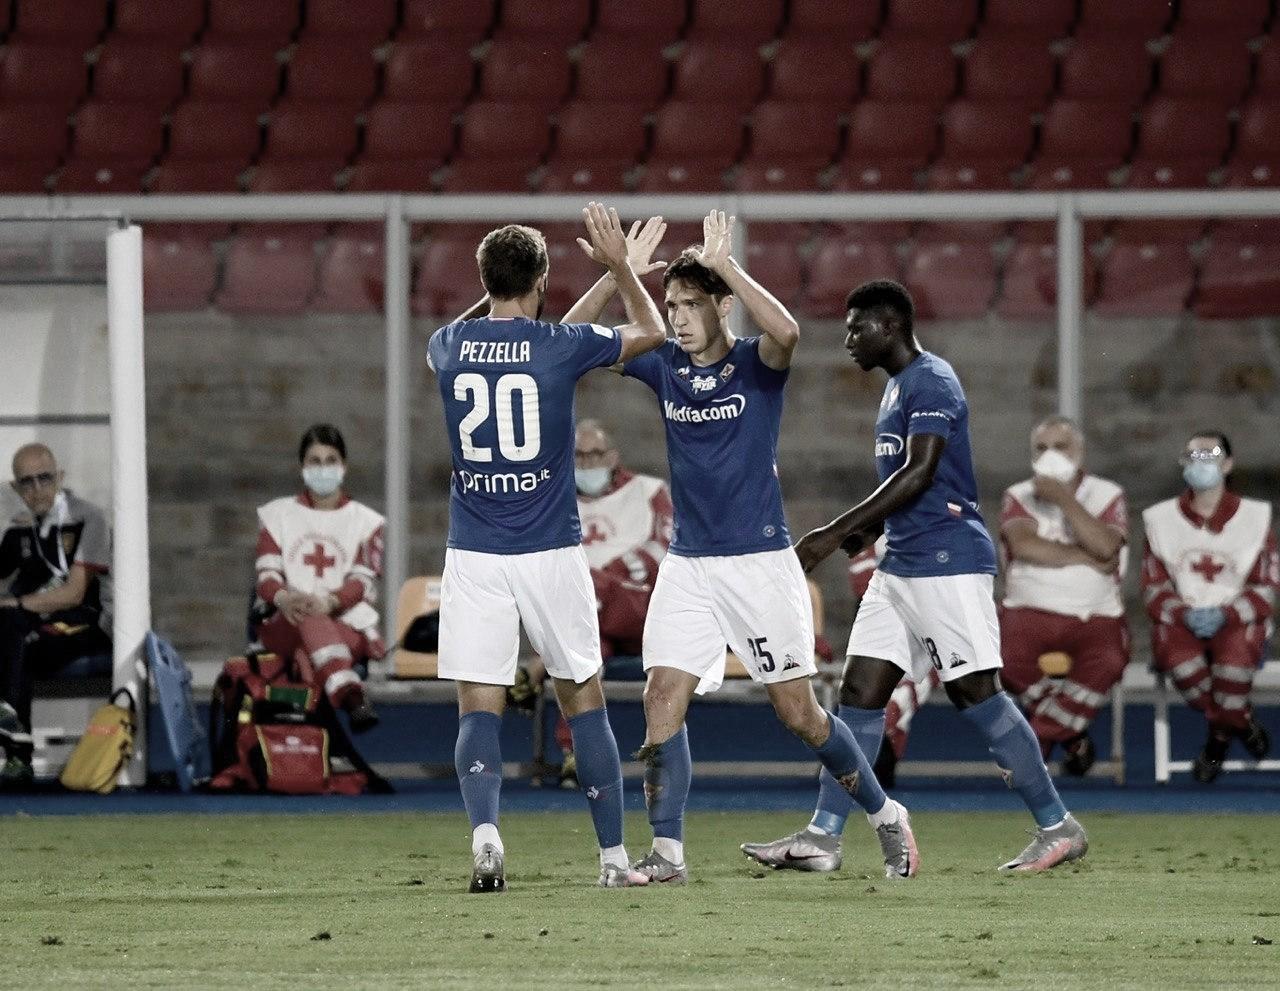 Fiorentina bate Lecce com autoridade e chega ao quarto jogo sem derrota na Serie A